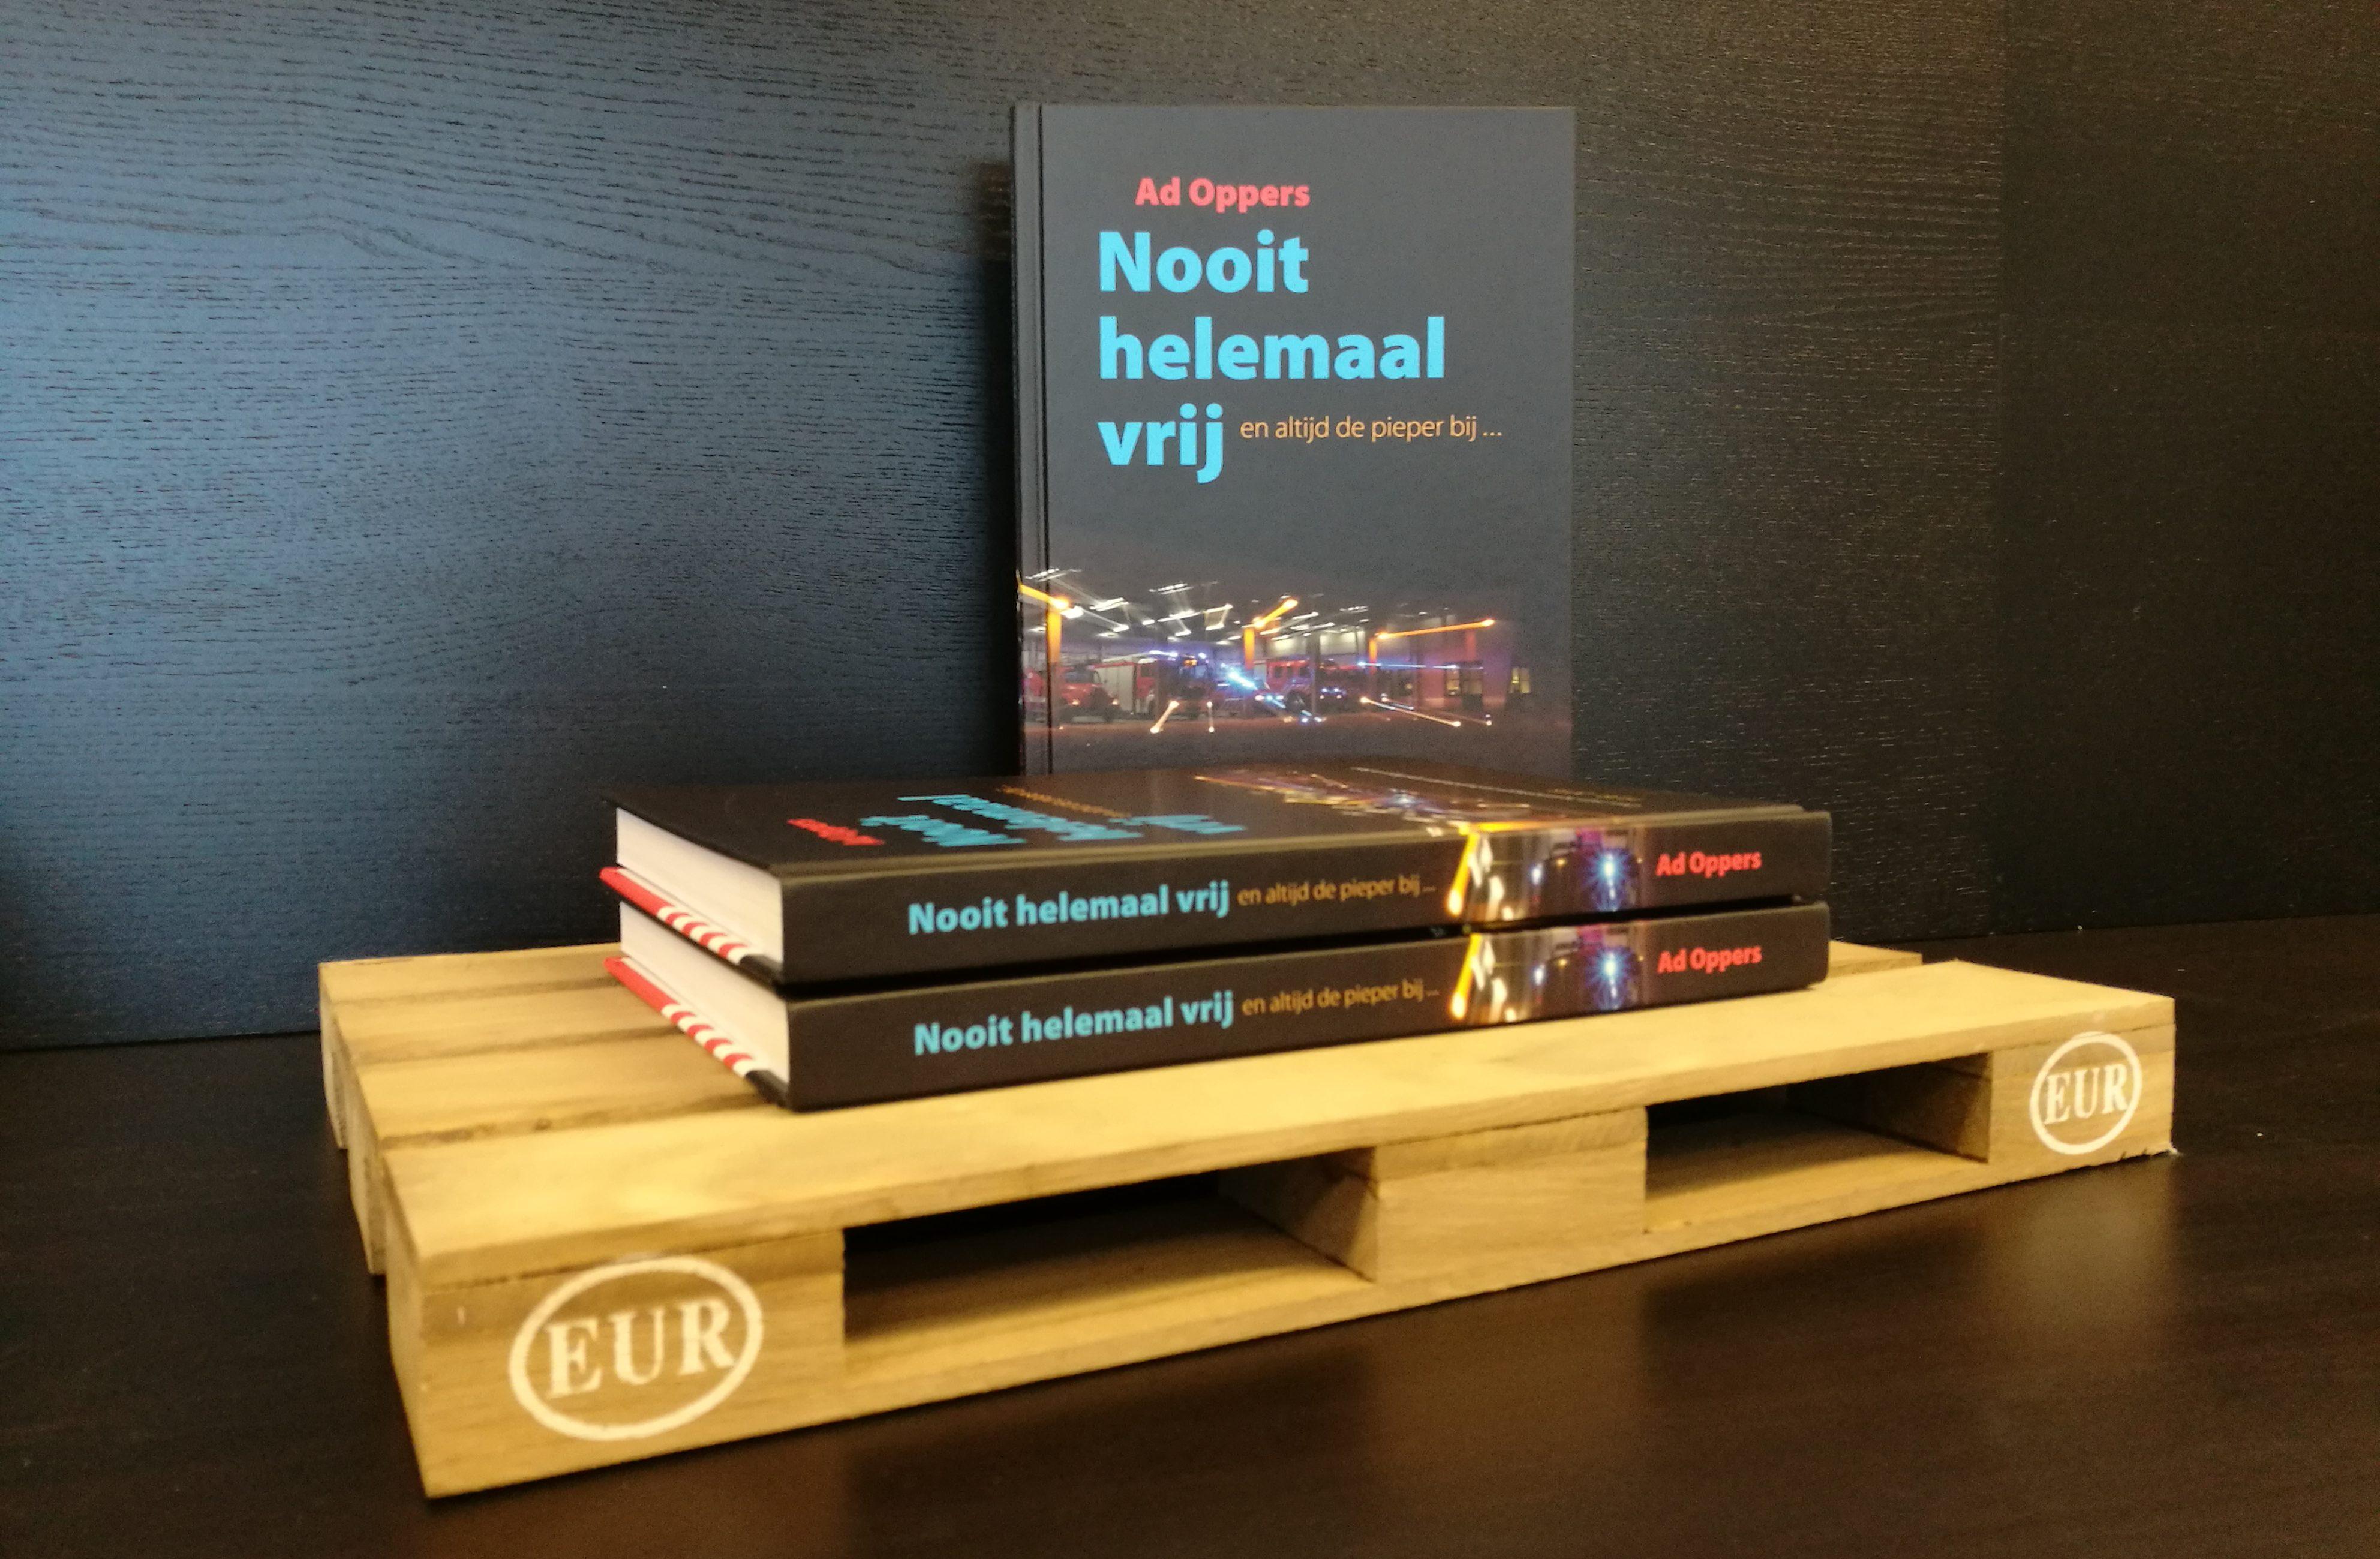 Boek Ad Oppers Branweer Best Goede boekendrukker